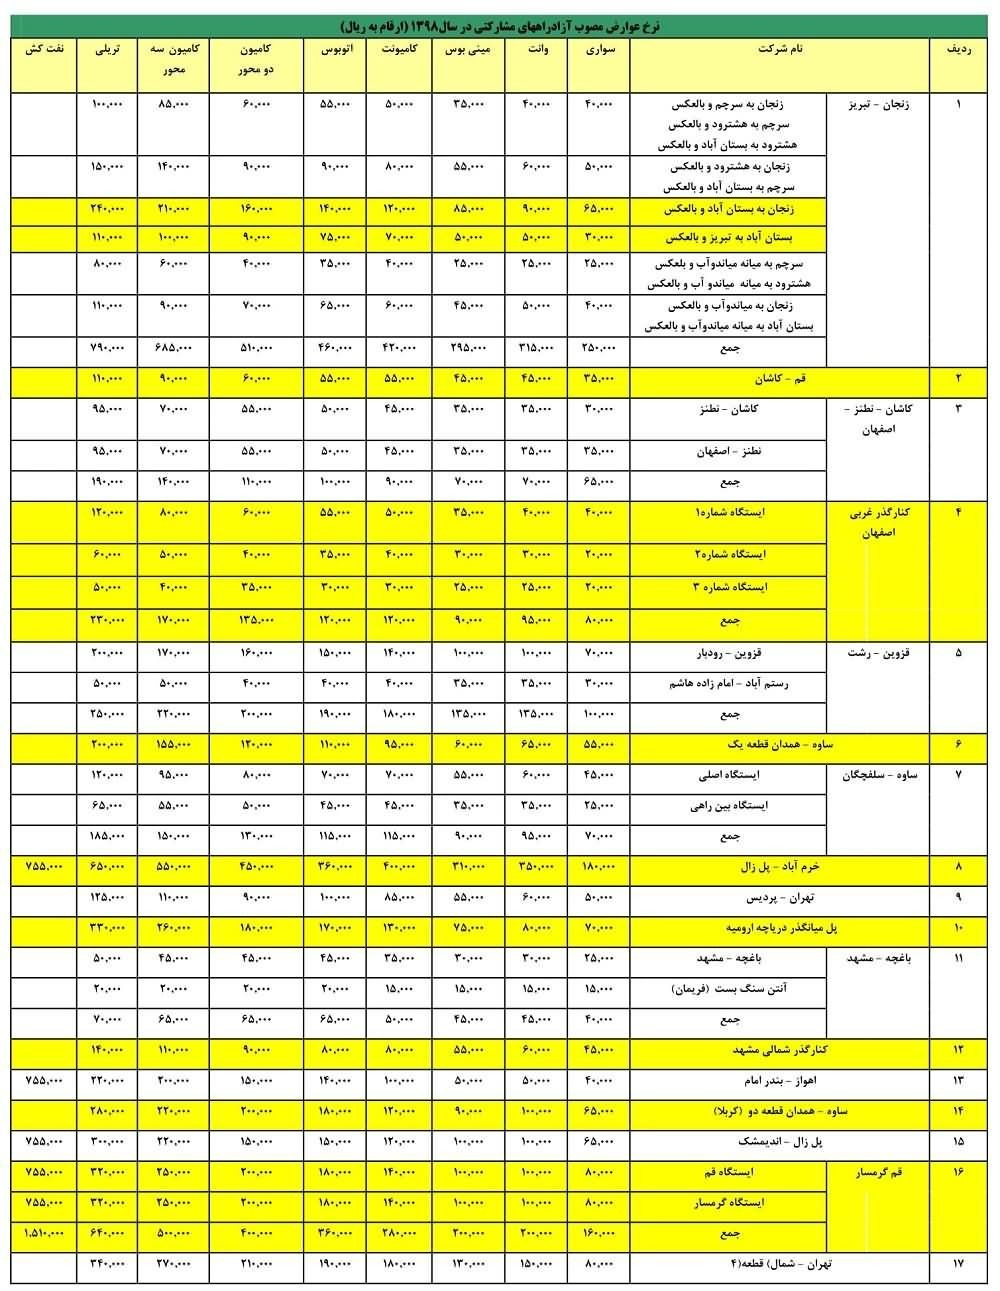 جدول نرخ جدید عوارض آزادراههای کشور در سال 98